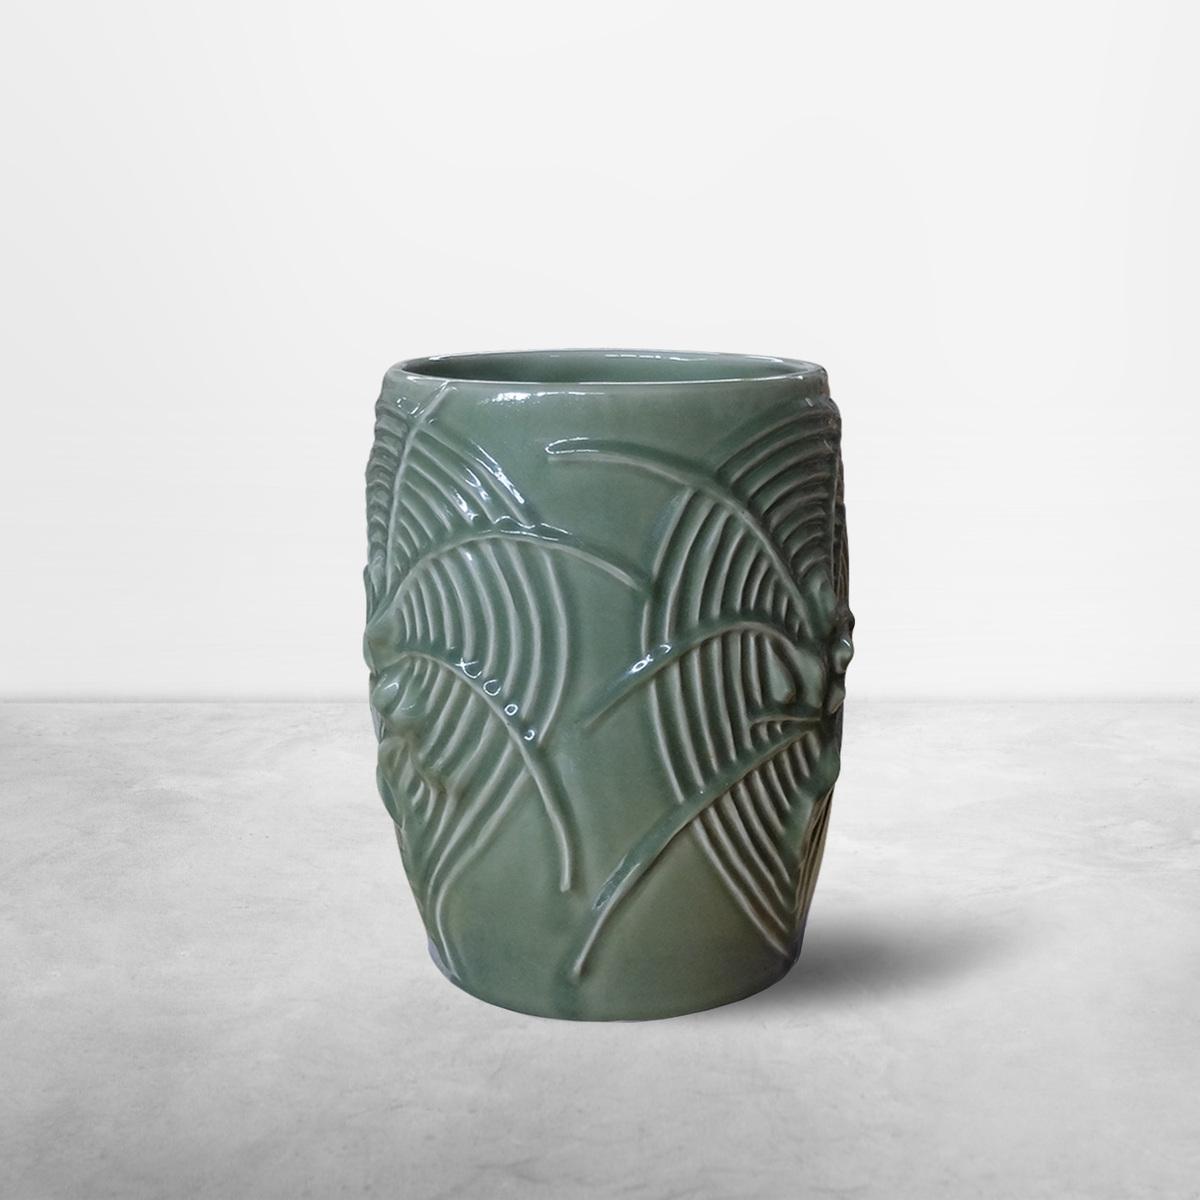 Axel Salto for Royal Copenhagen, Living Stone Ceramic Monumental Vase, 1938